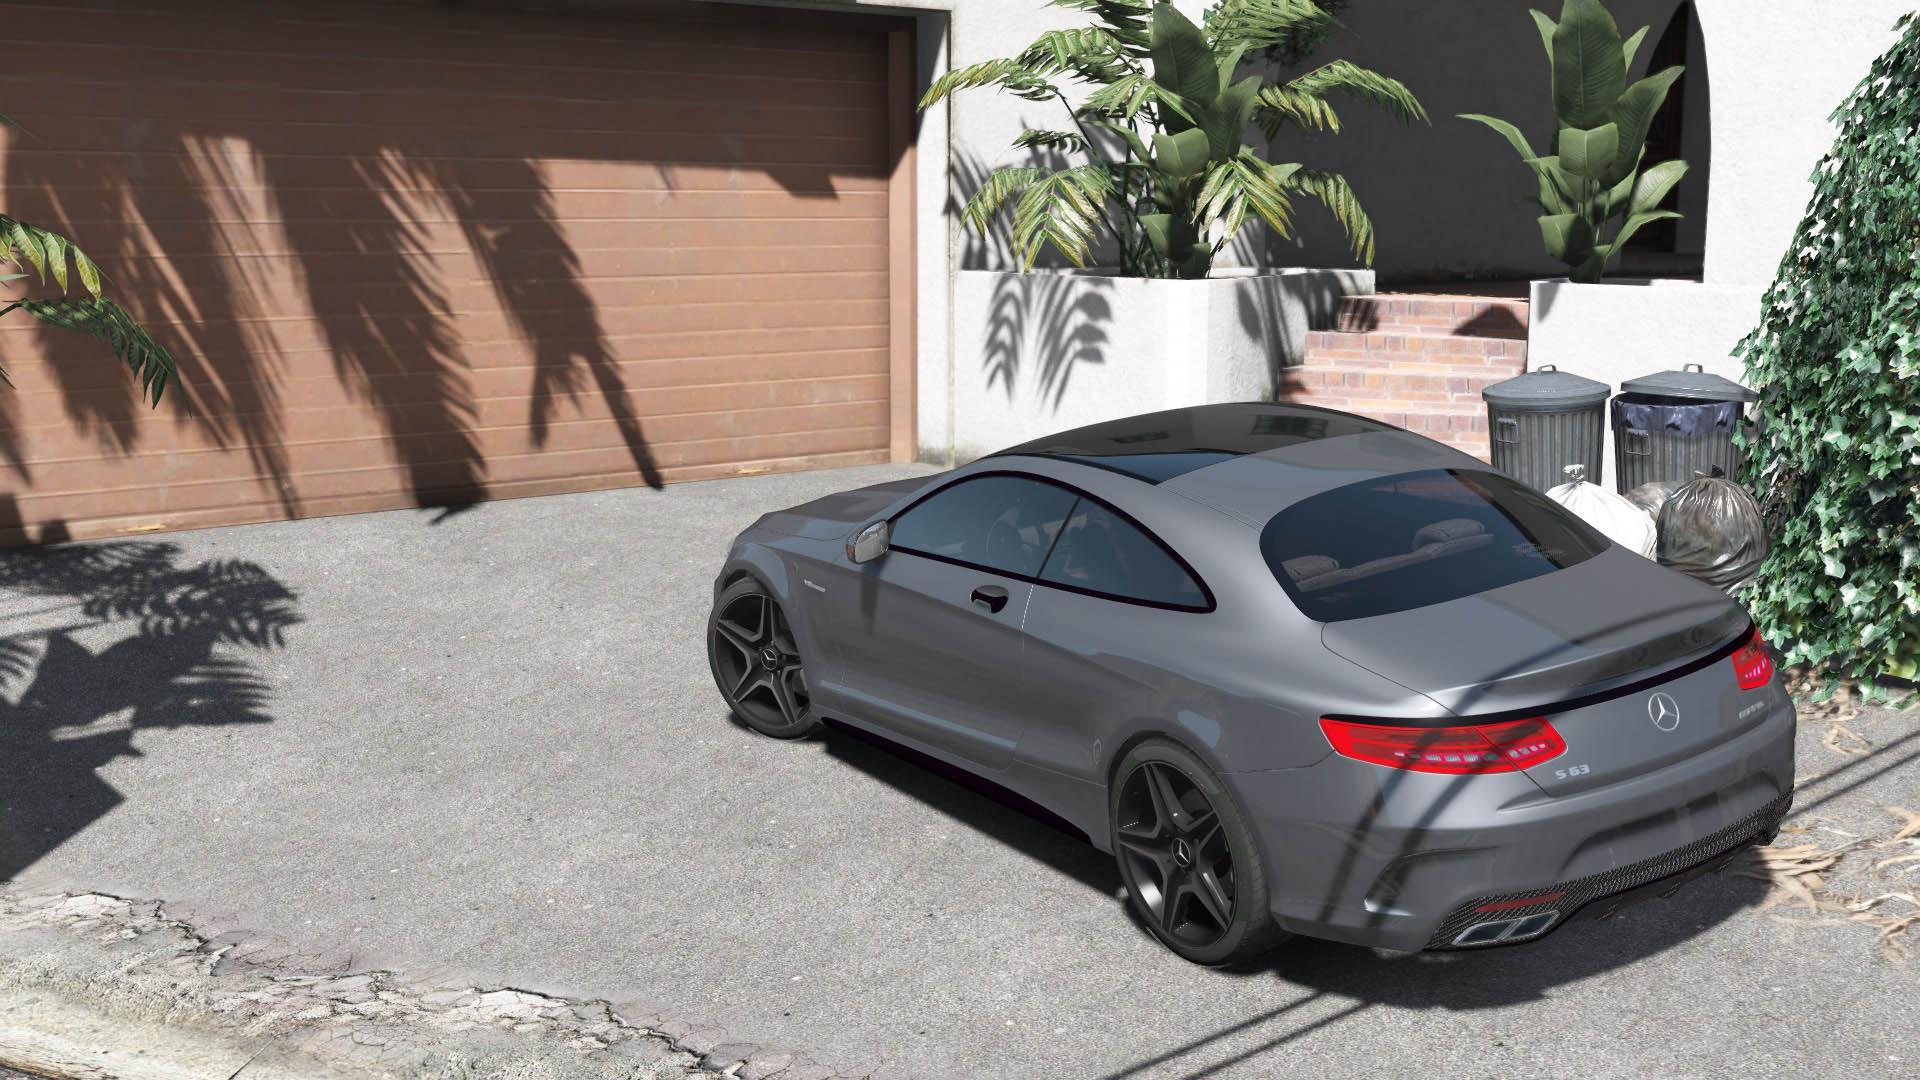 Mercedes-Benz AMG S63 Coupe - GTA5-Mods.com